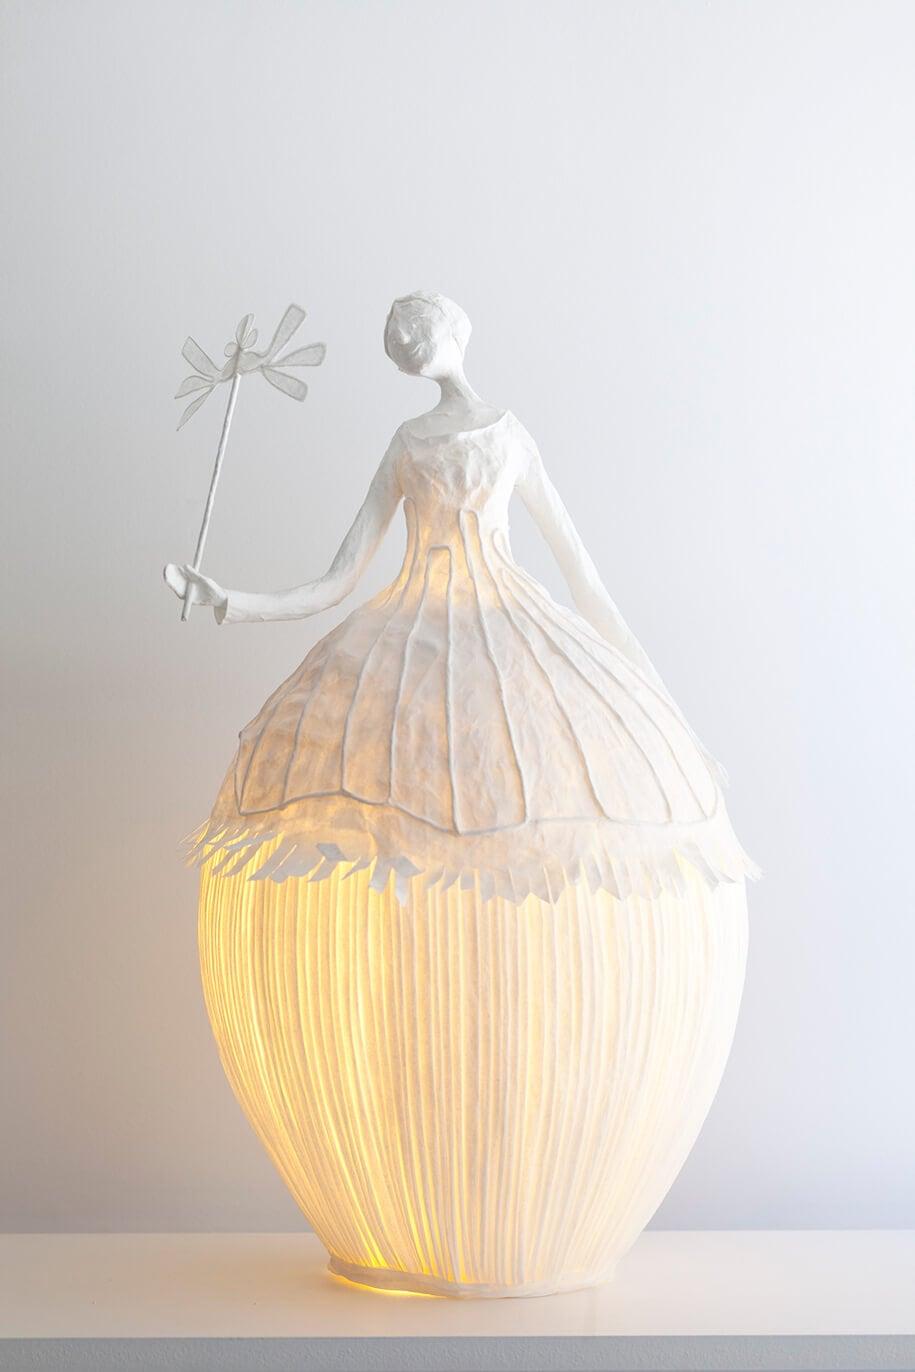 paper-lamps-sculpture-papier-a-etres-fy-4